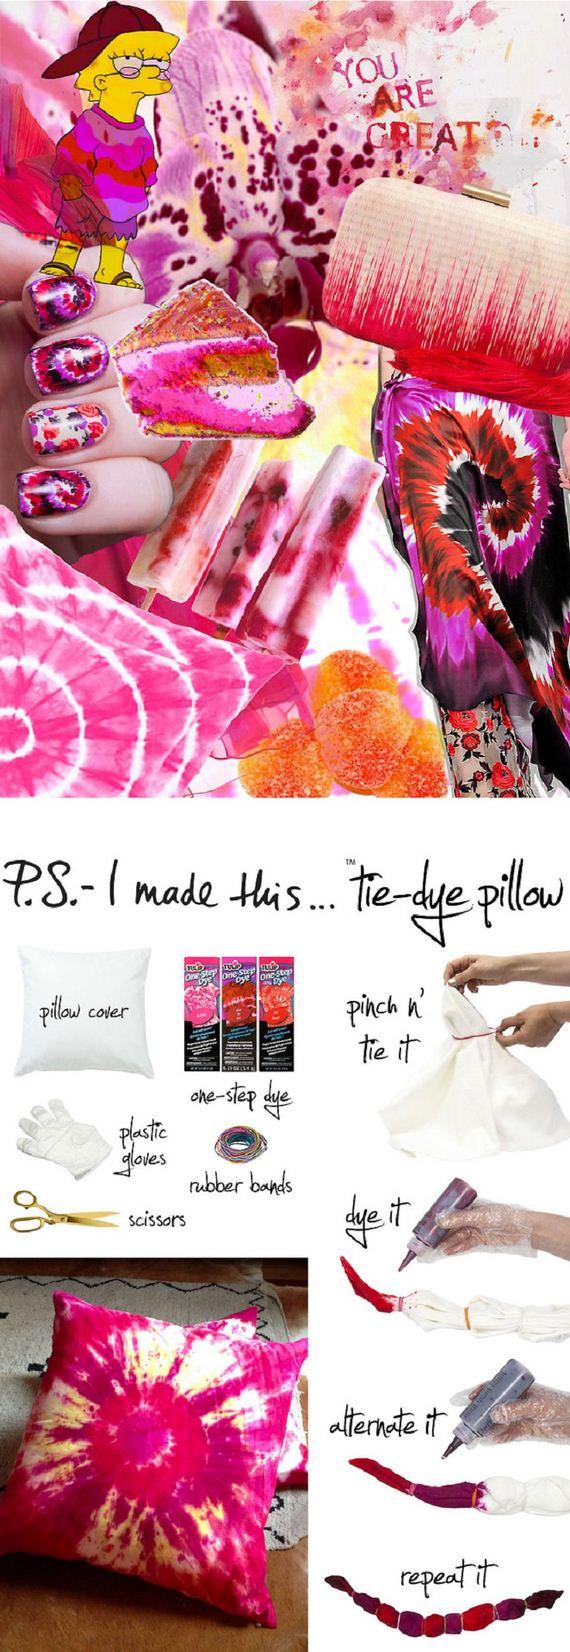 10-diy-pillows